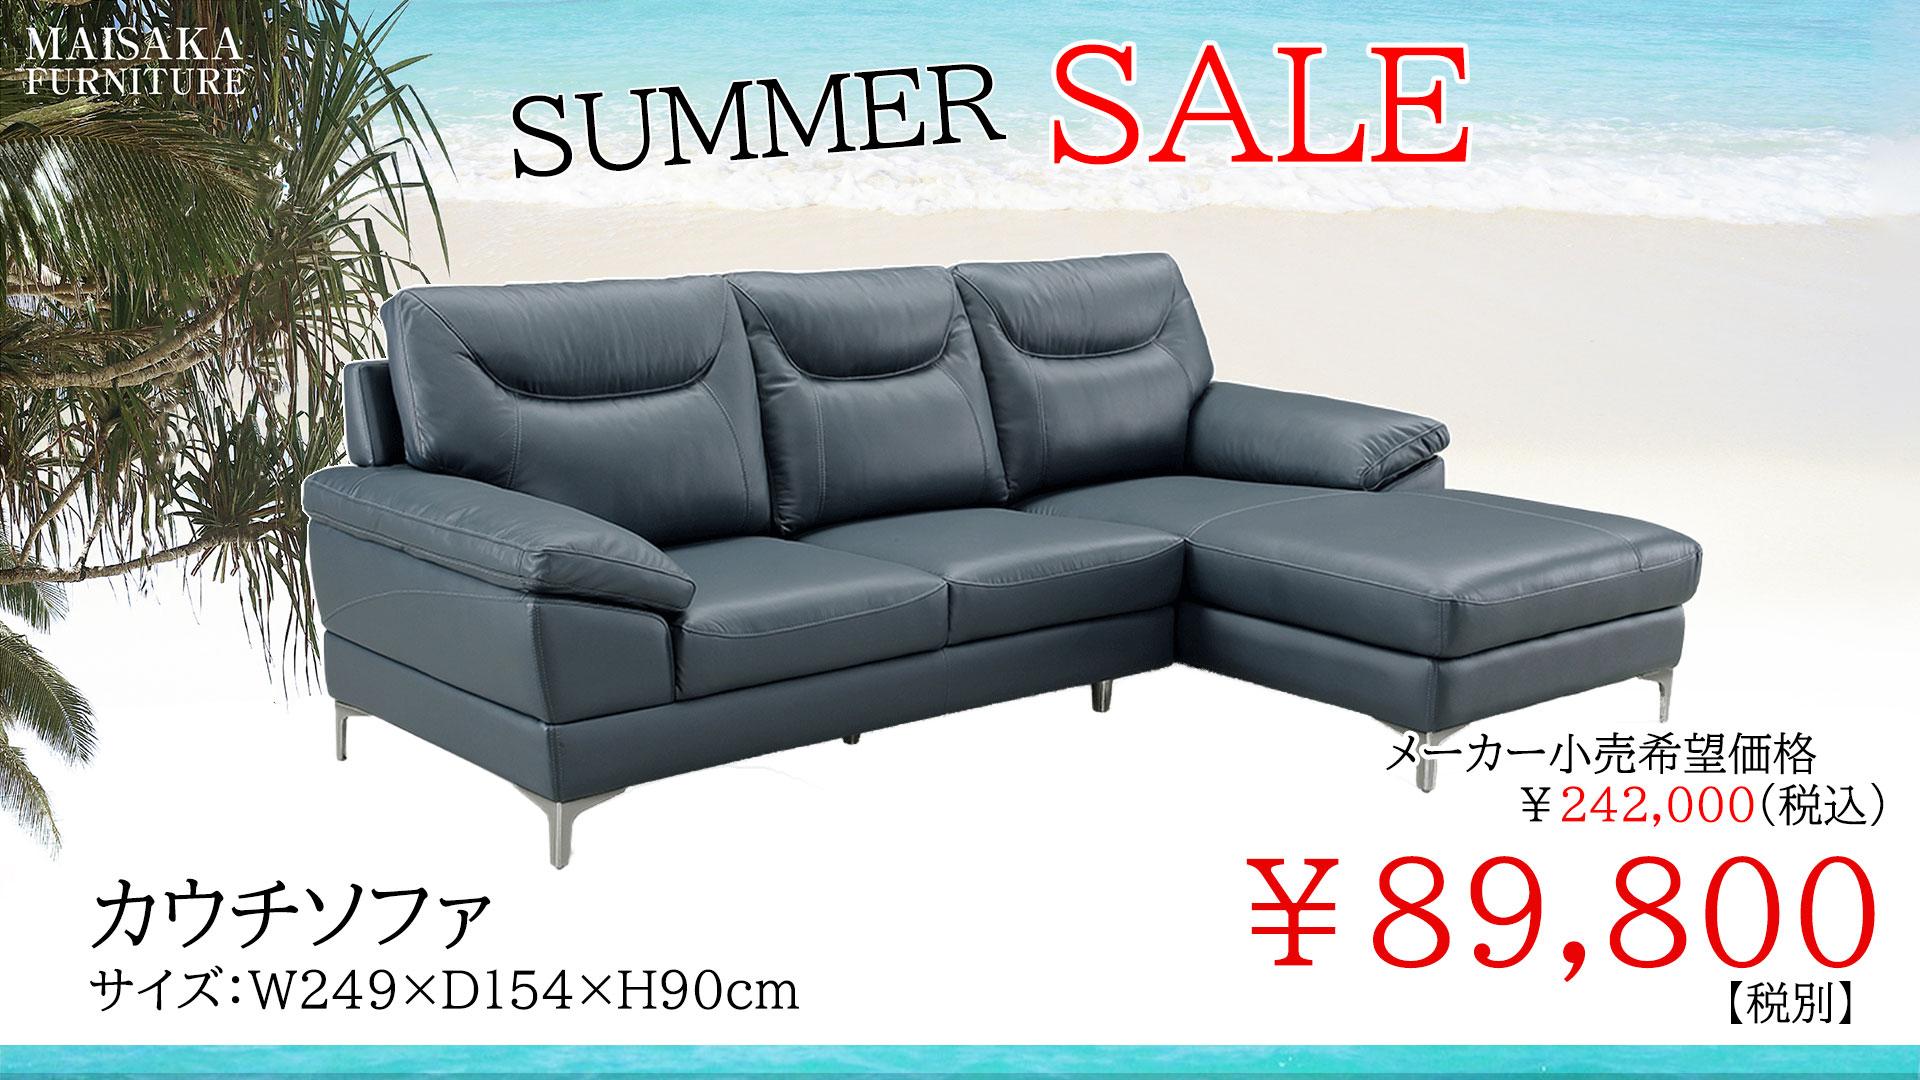 マイサカ家具7月の夏のチラシの目玉商品の本革カウチソファの画像